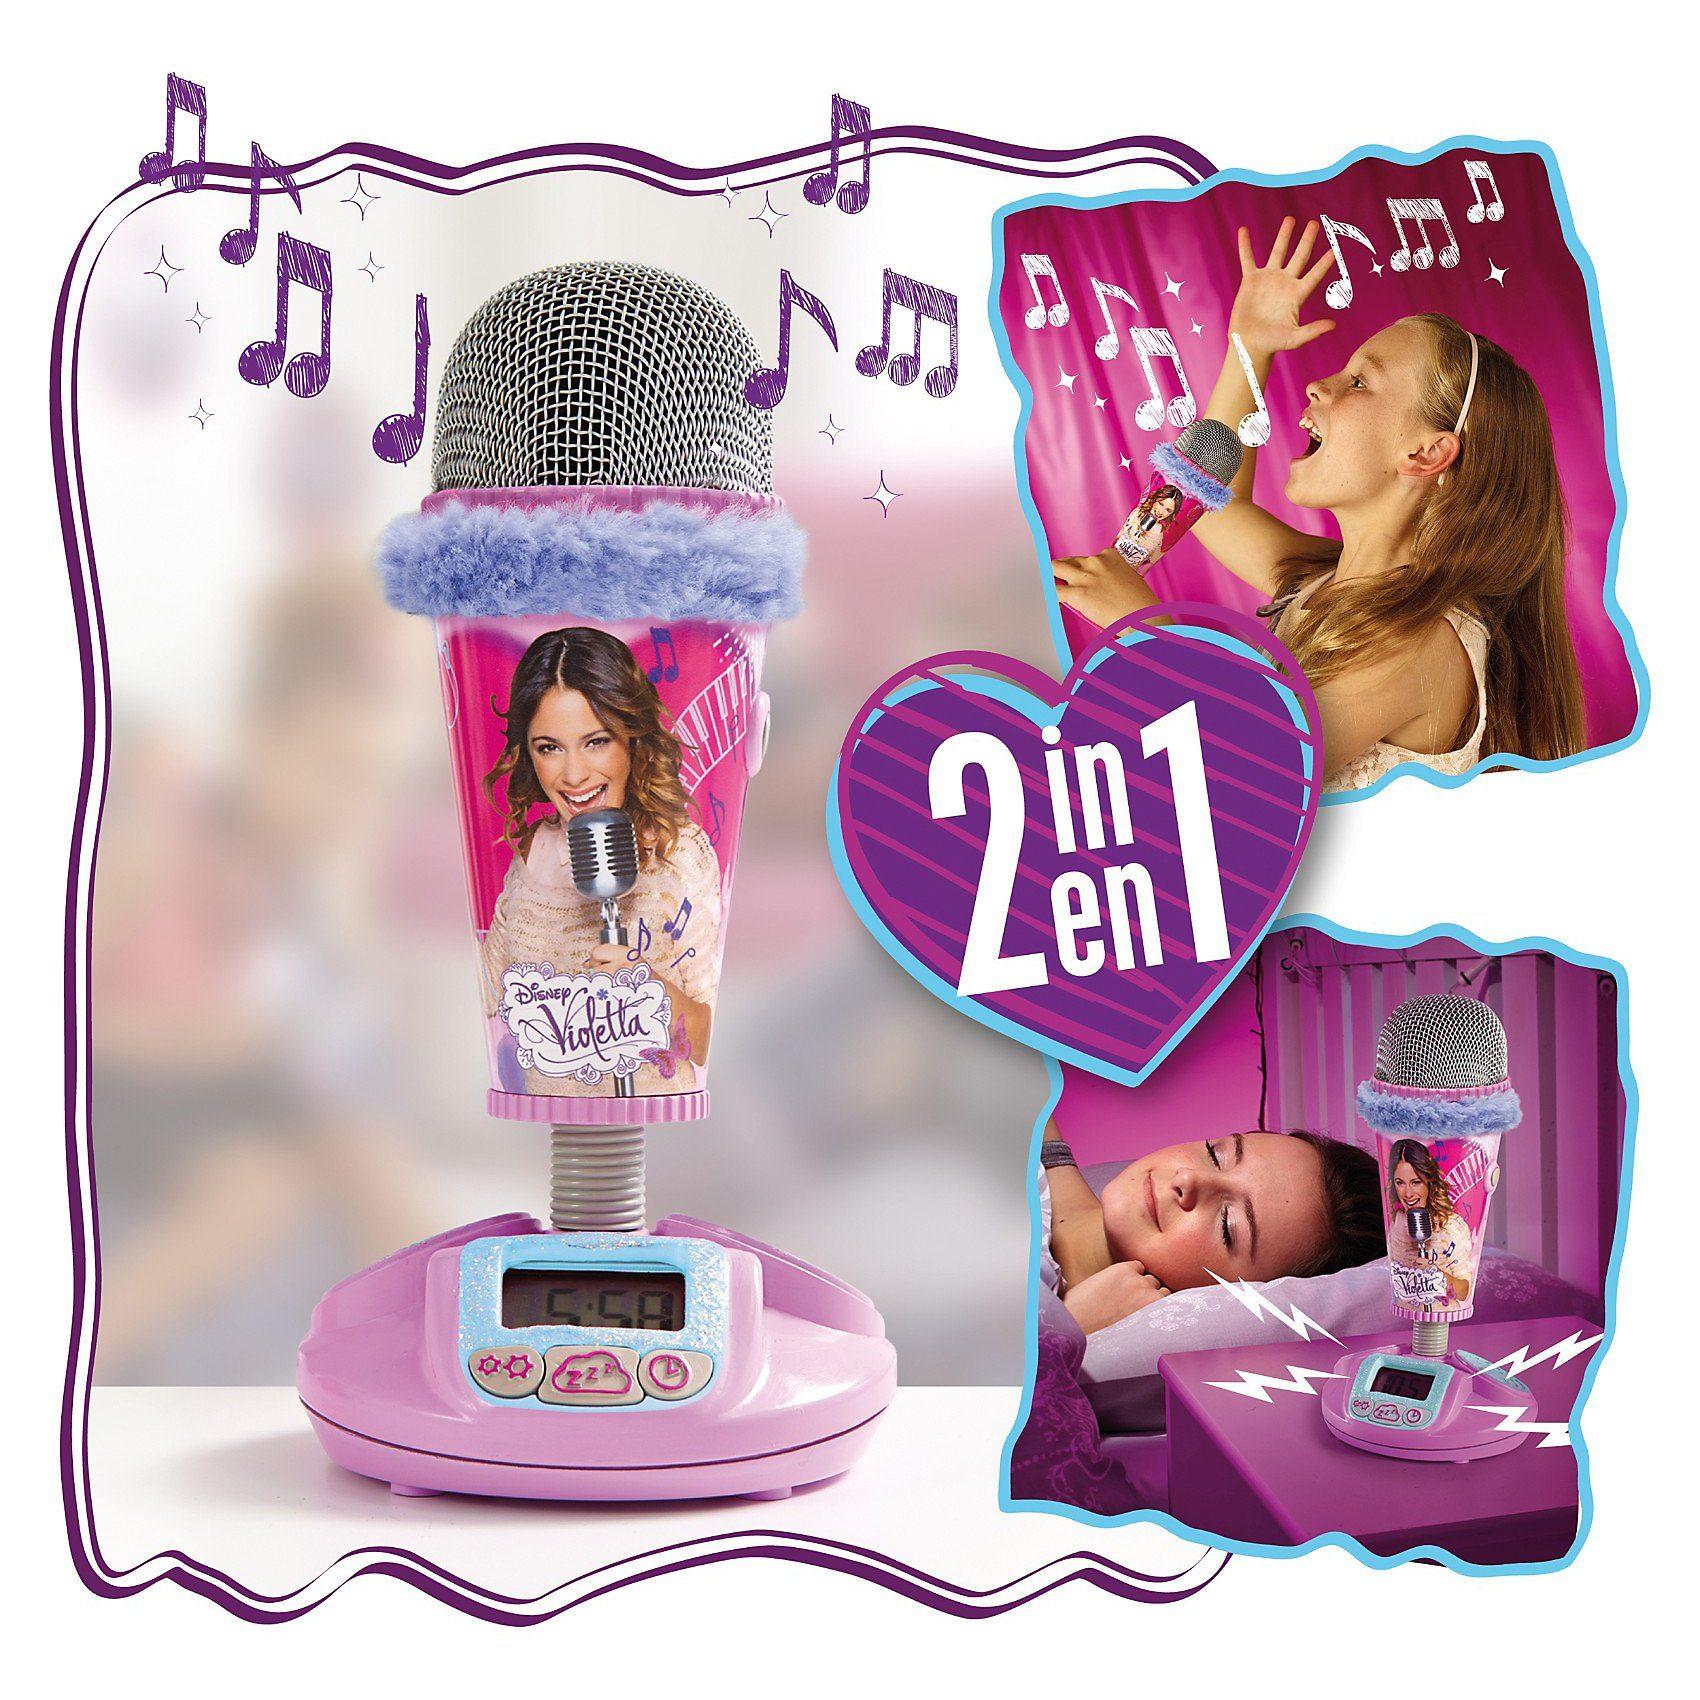 WORLDS APART Mikrofon Wecker, Violetta